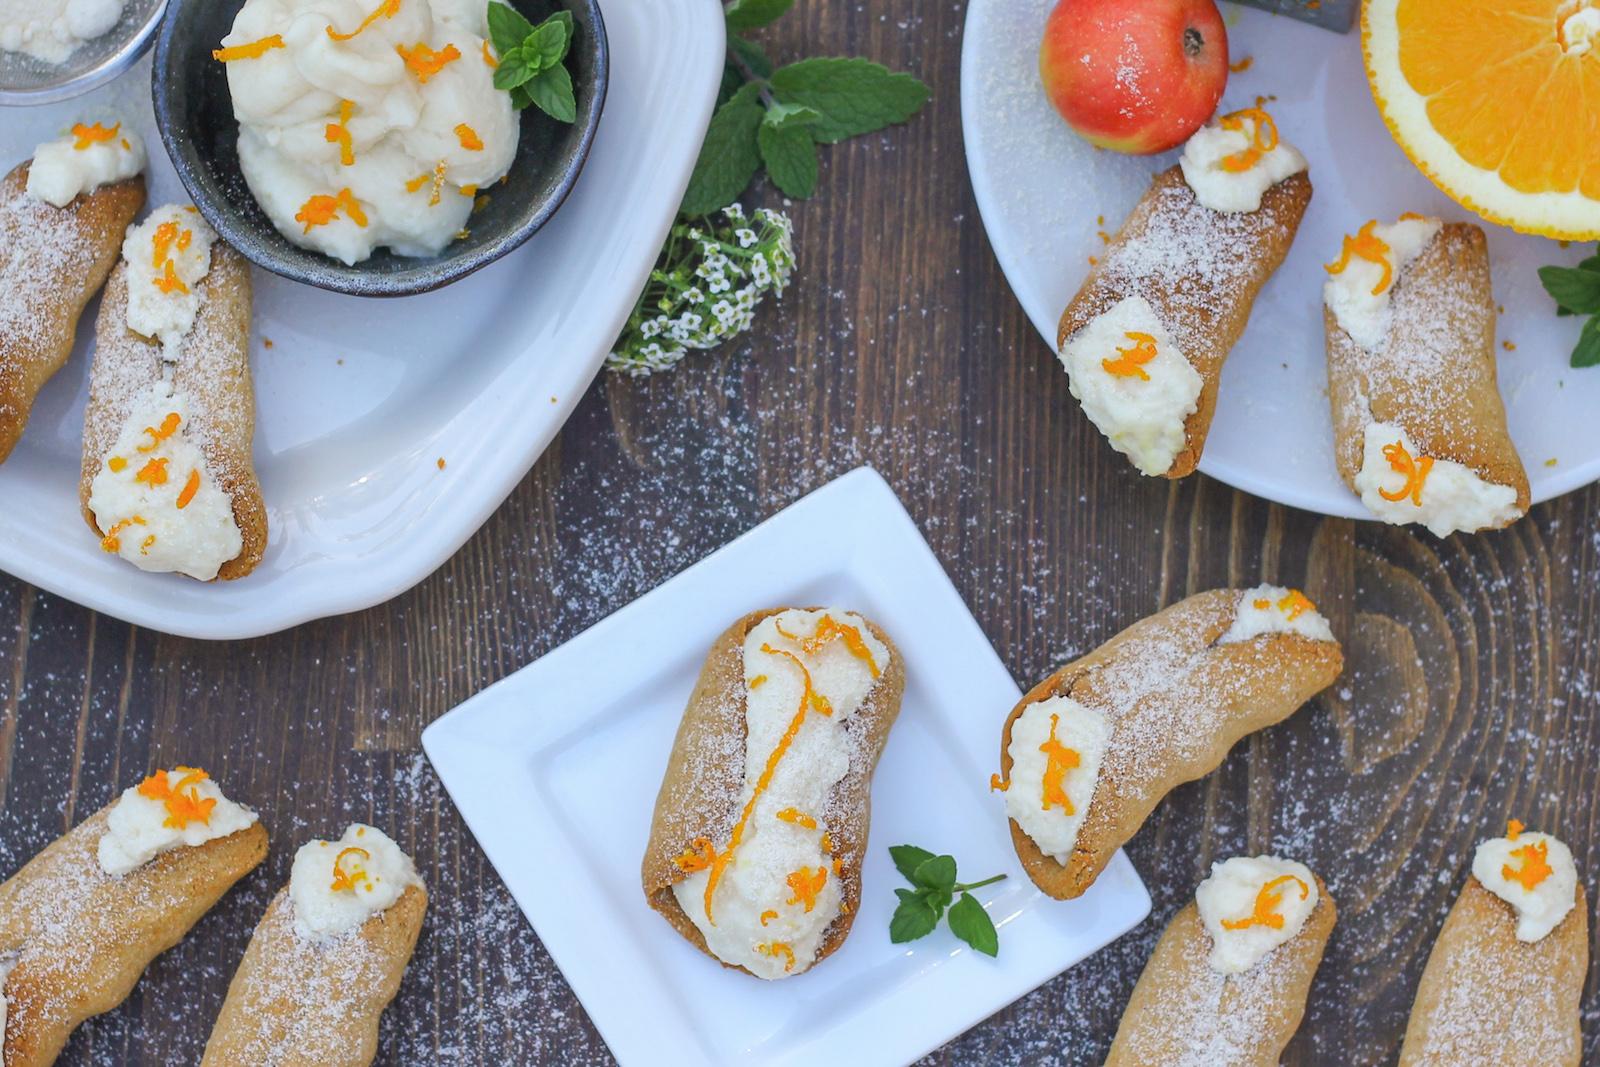 AIP Italian Cannoli - AIP Italian Food Recipes from the AIP Italian Cookbook